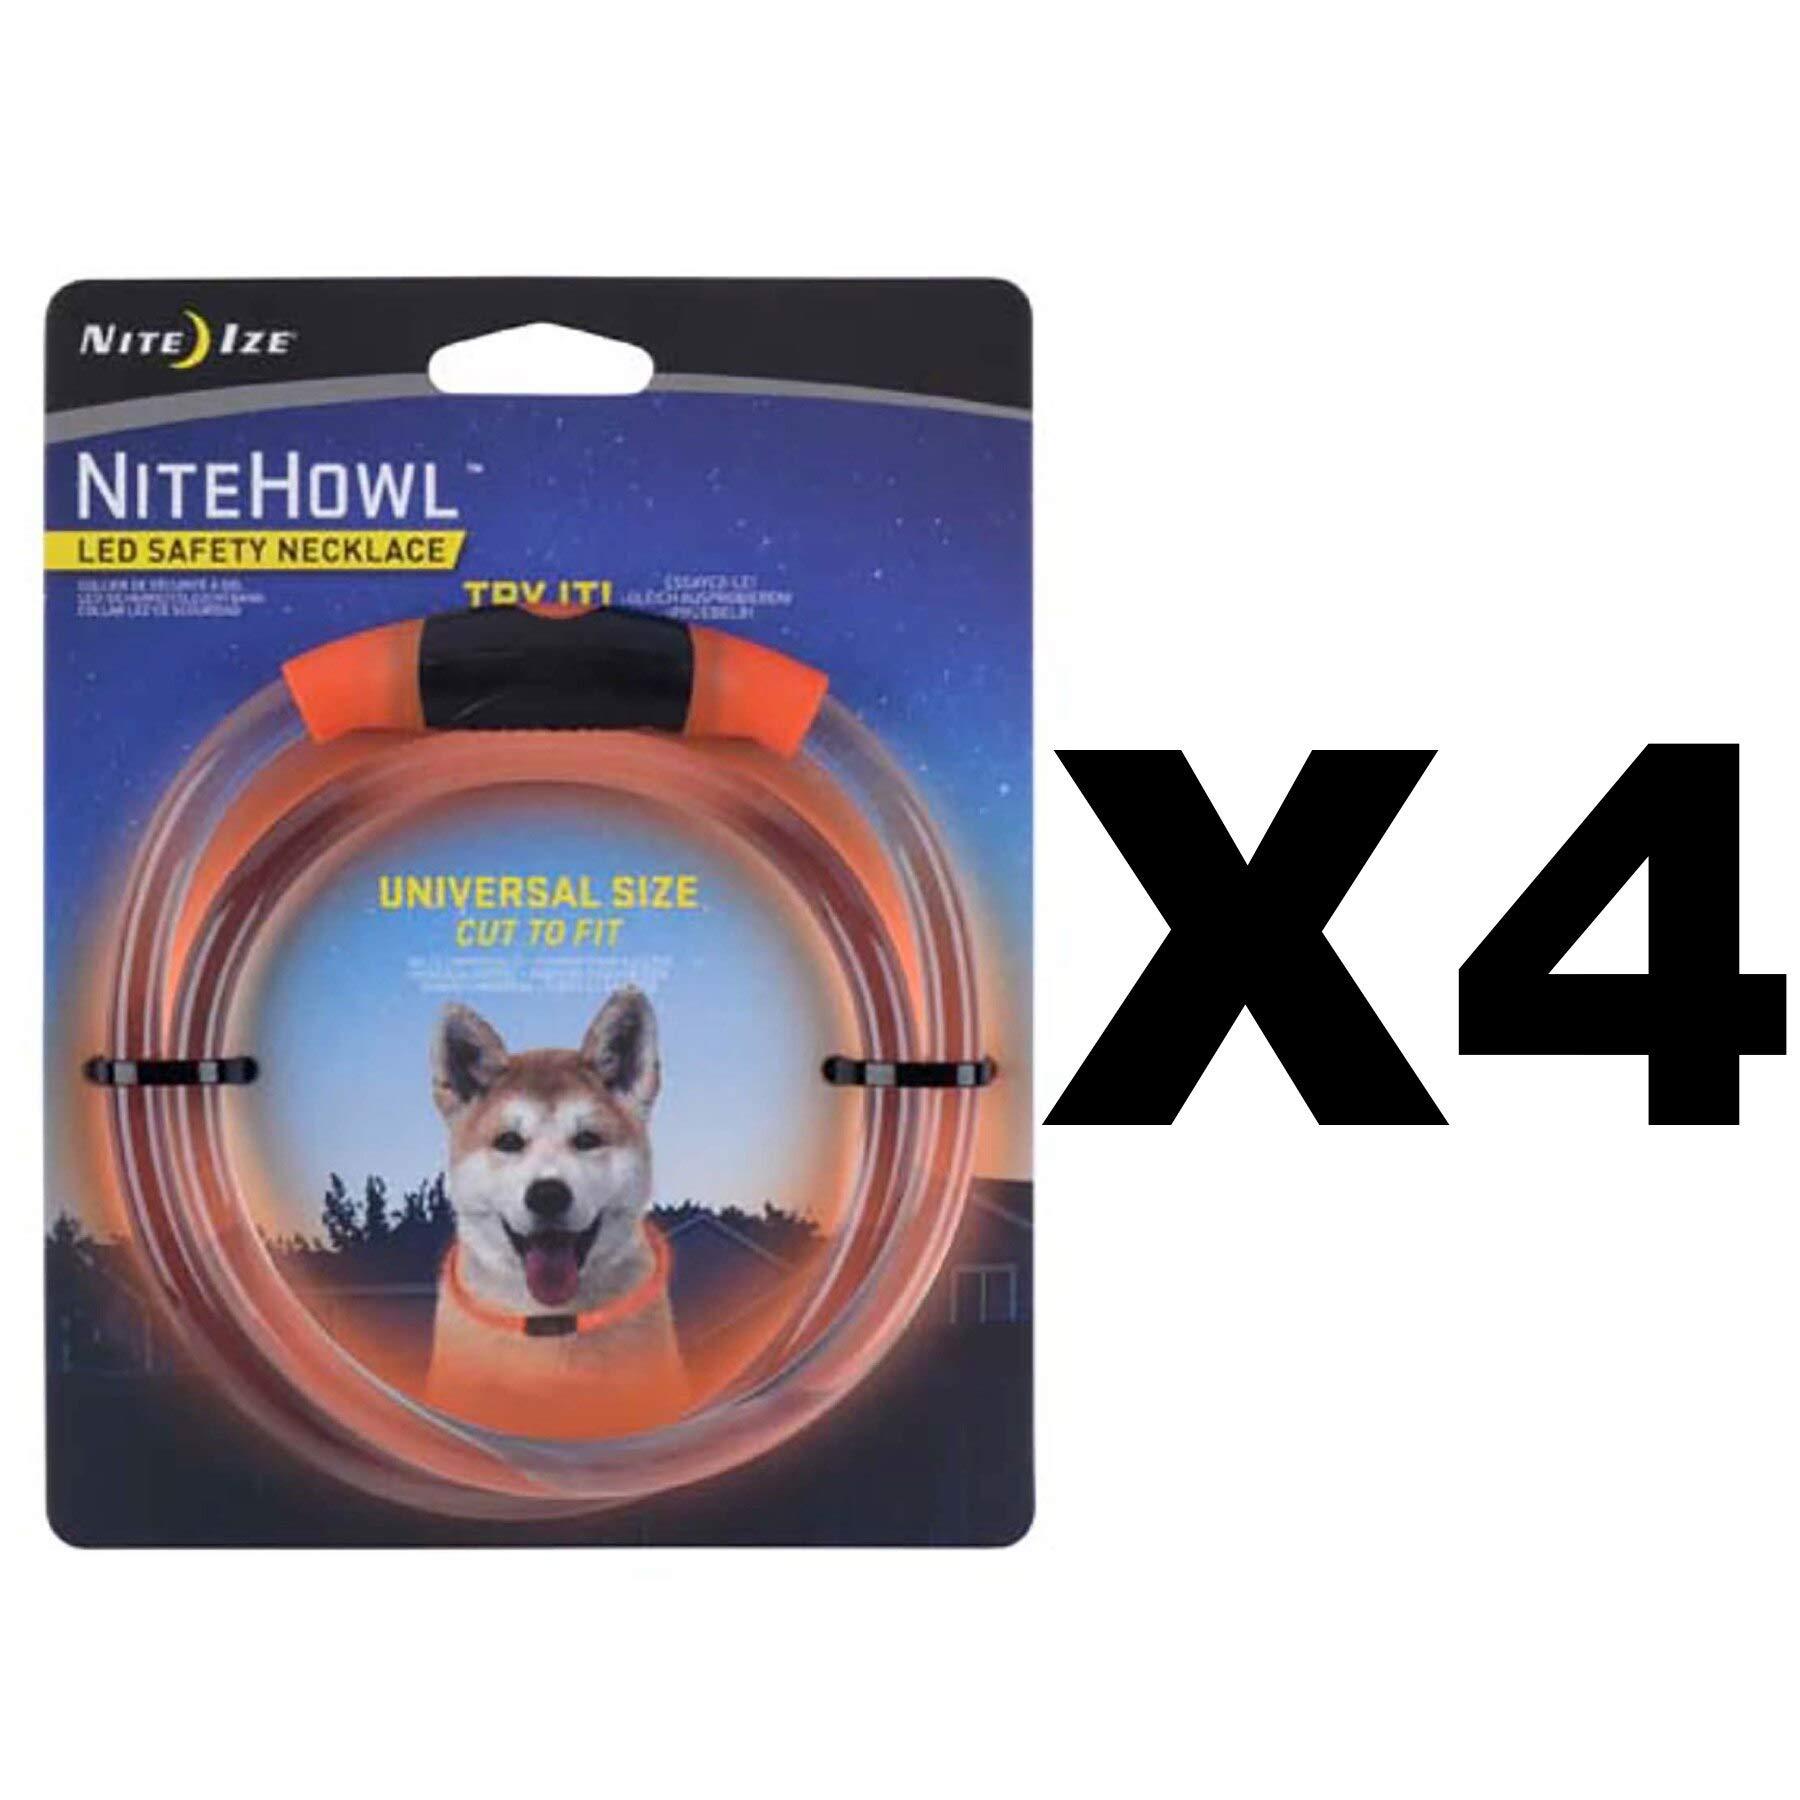 Nite Ize NiteHowl LED Safety Necklace Orange Pet Collar Glows & Flashes (4-Pack)